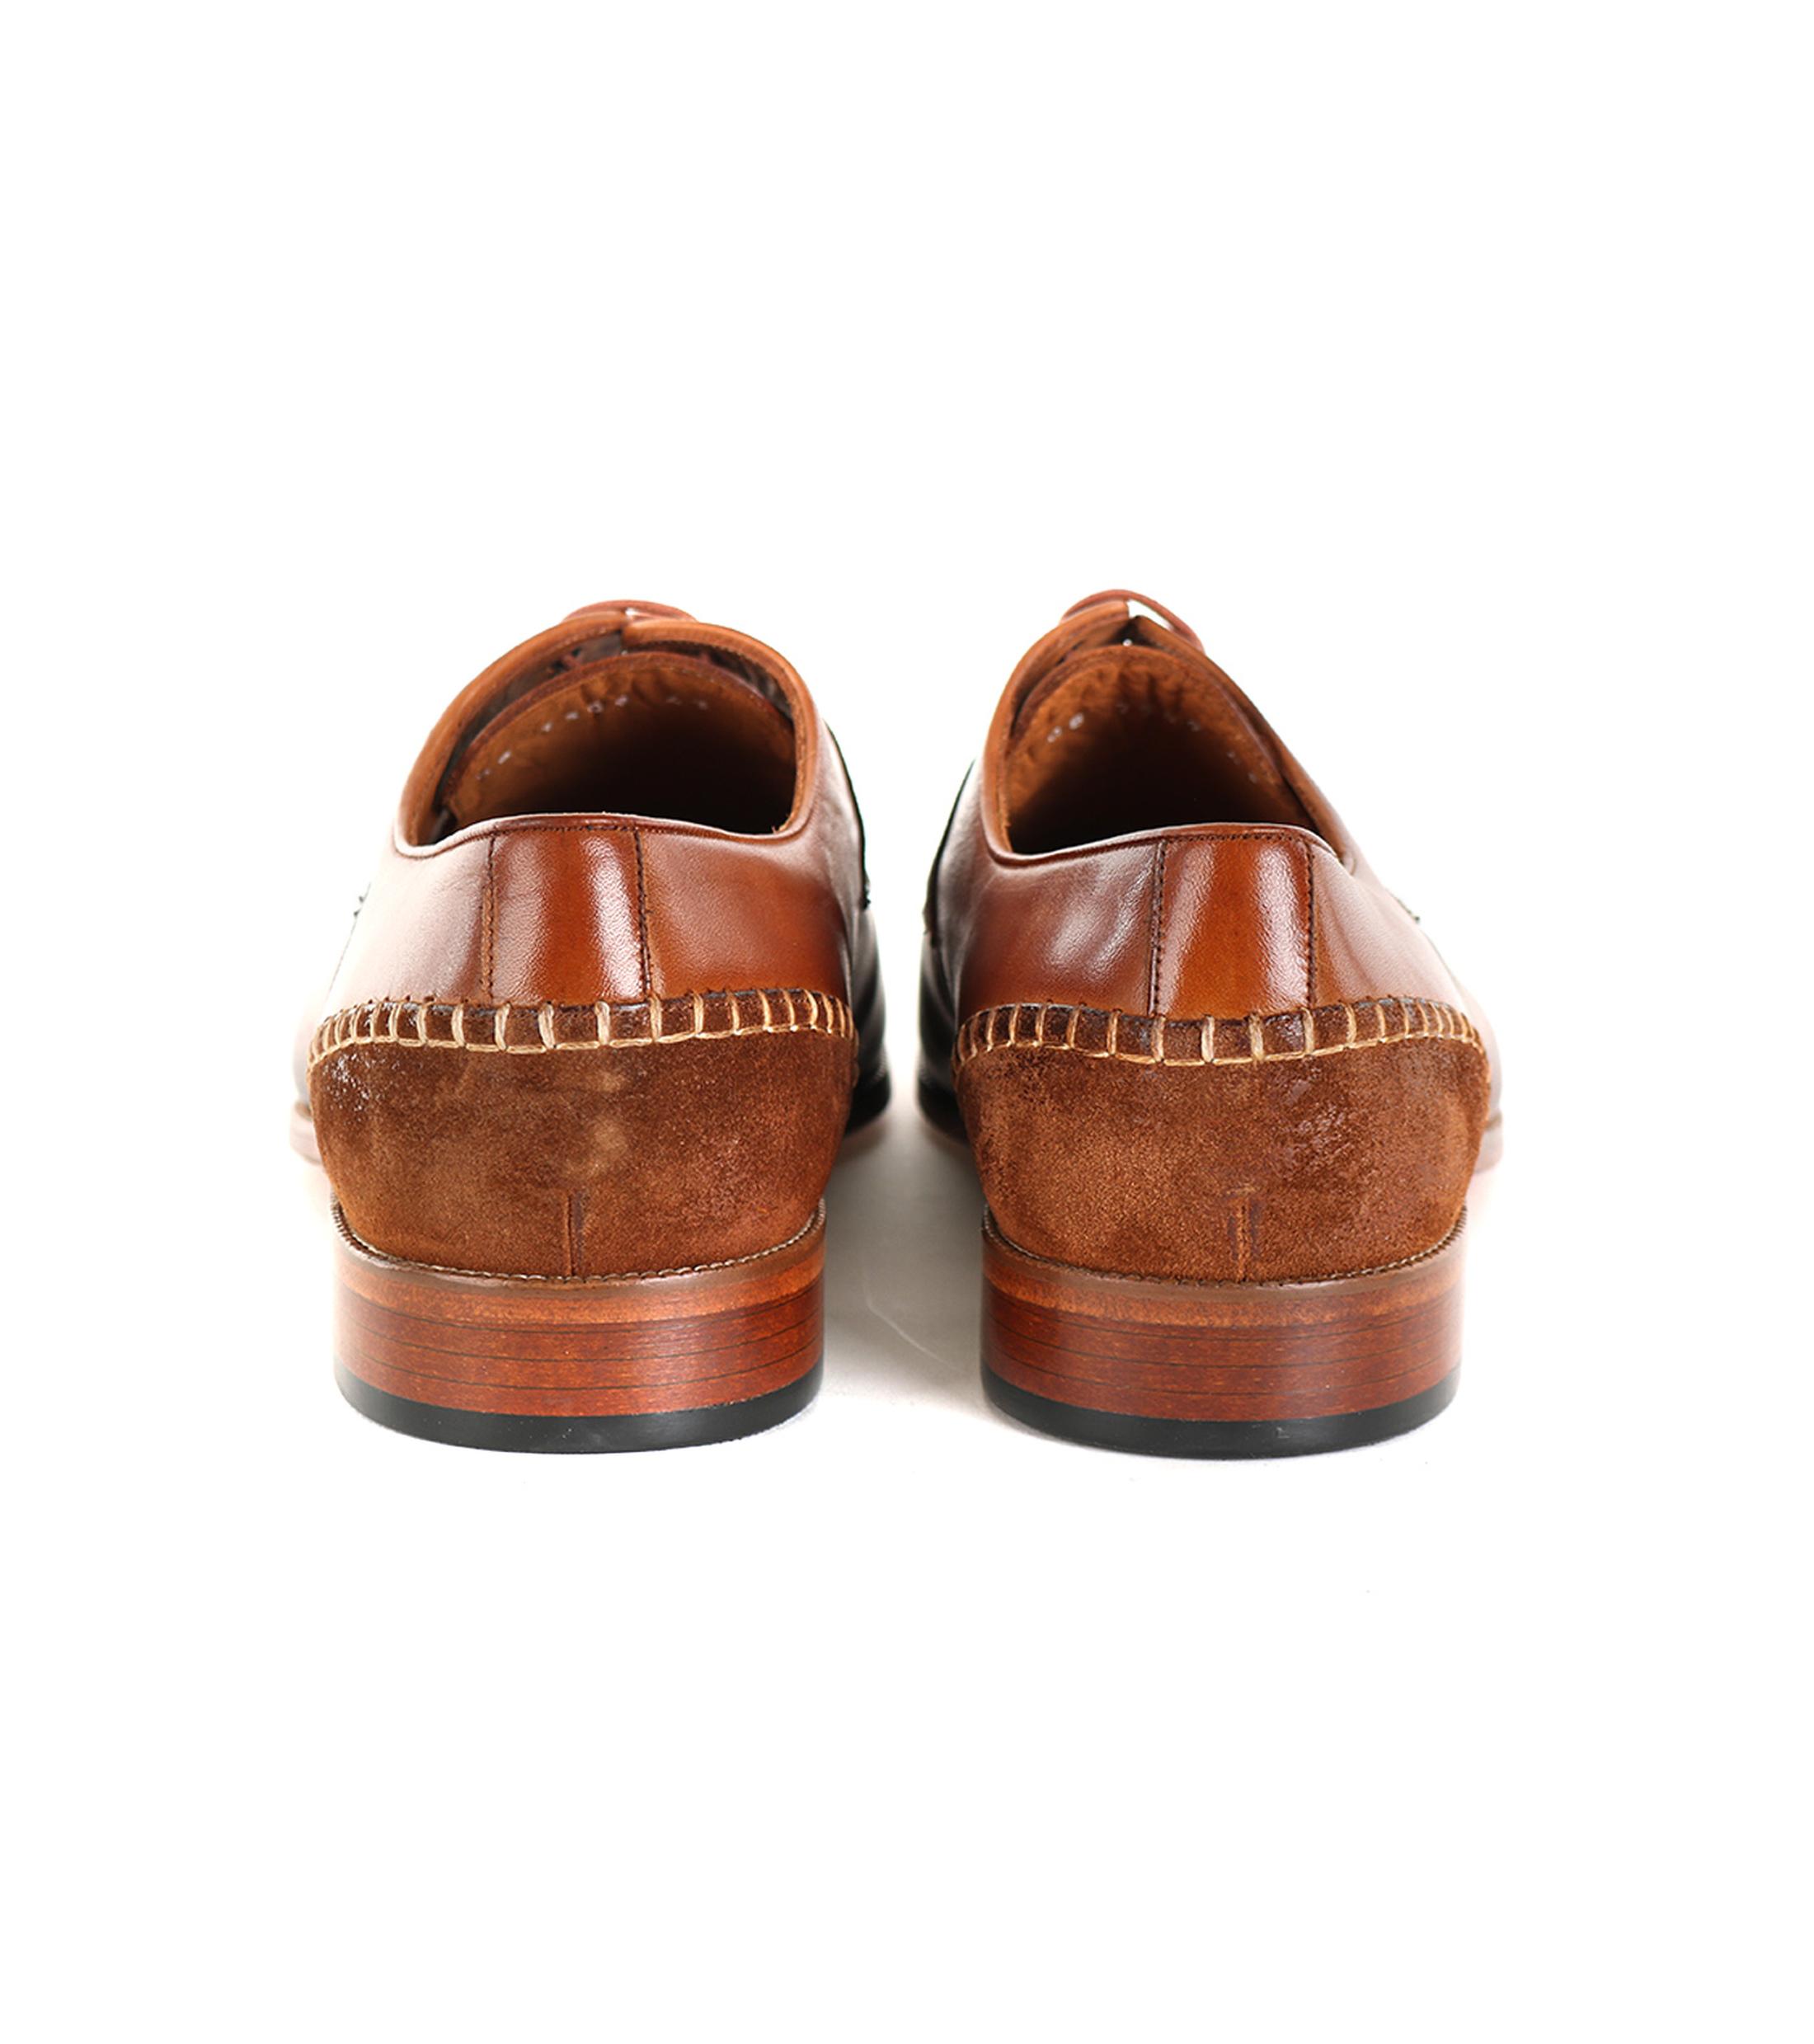 Melik Chaussures Antonello Cognac ycxbhV